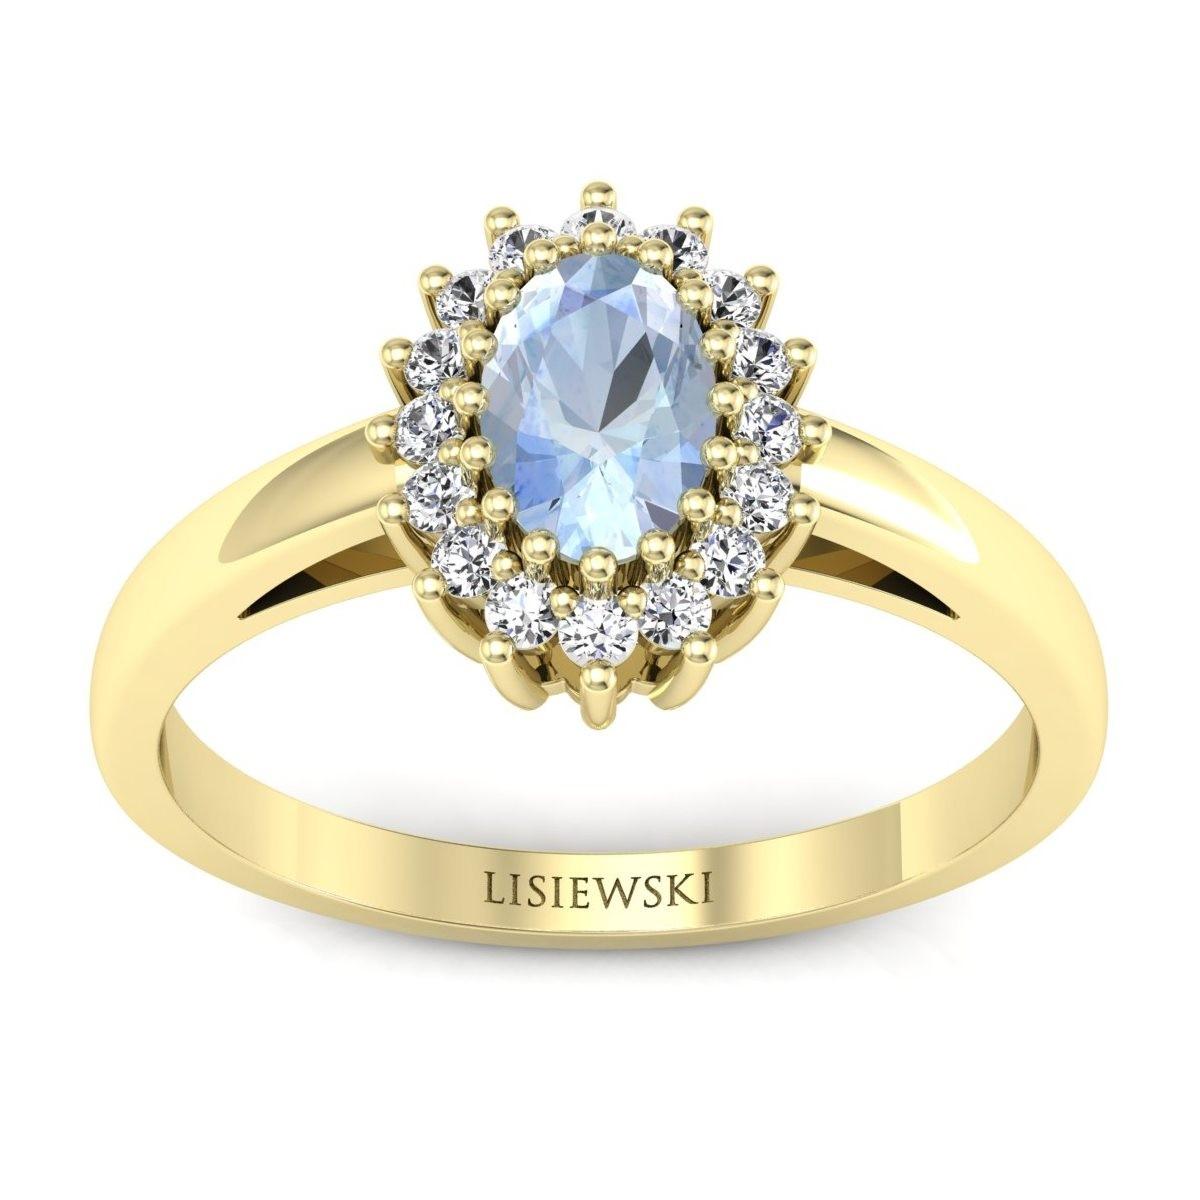 London - Złoty pierścionek z akwamarynem i diamentami